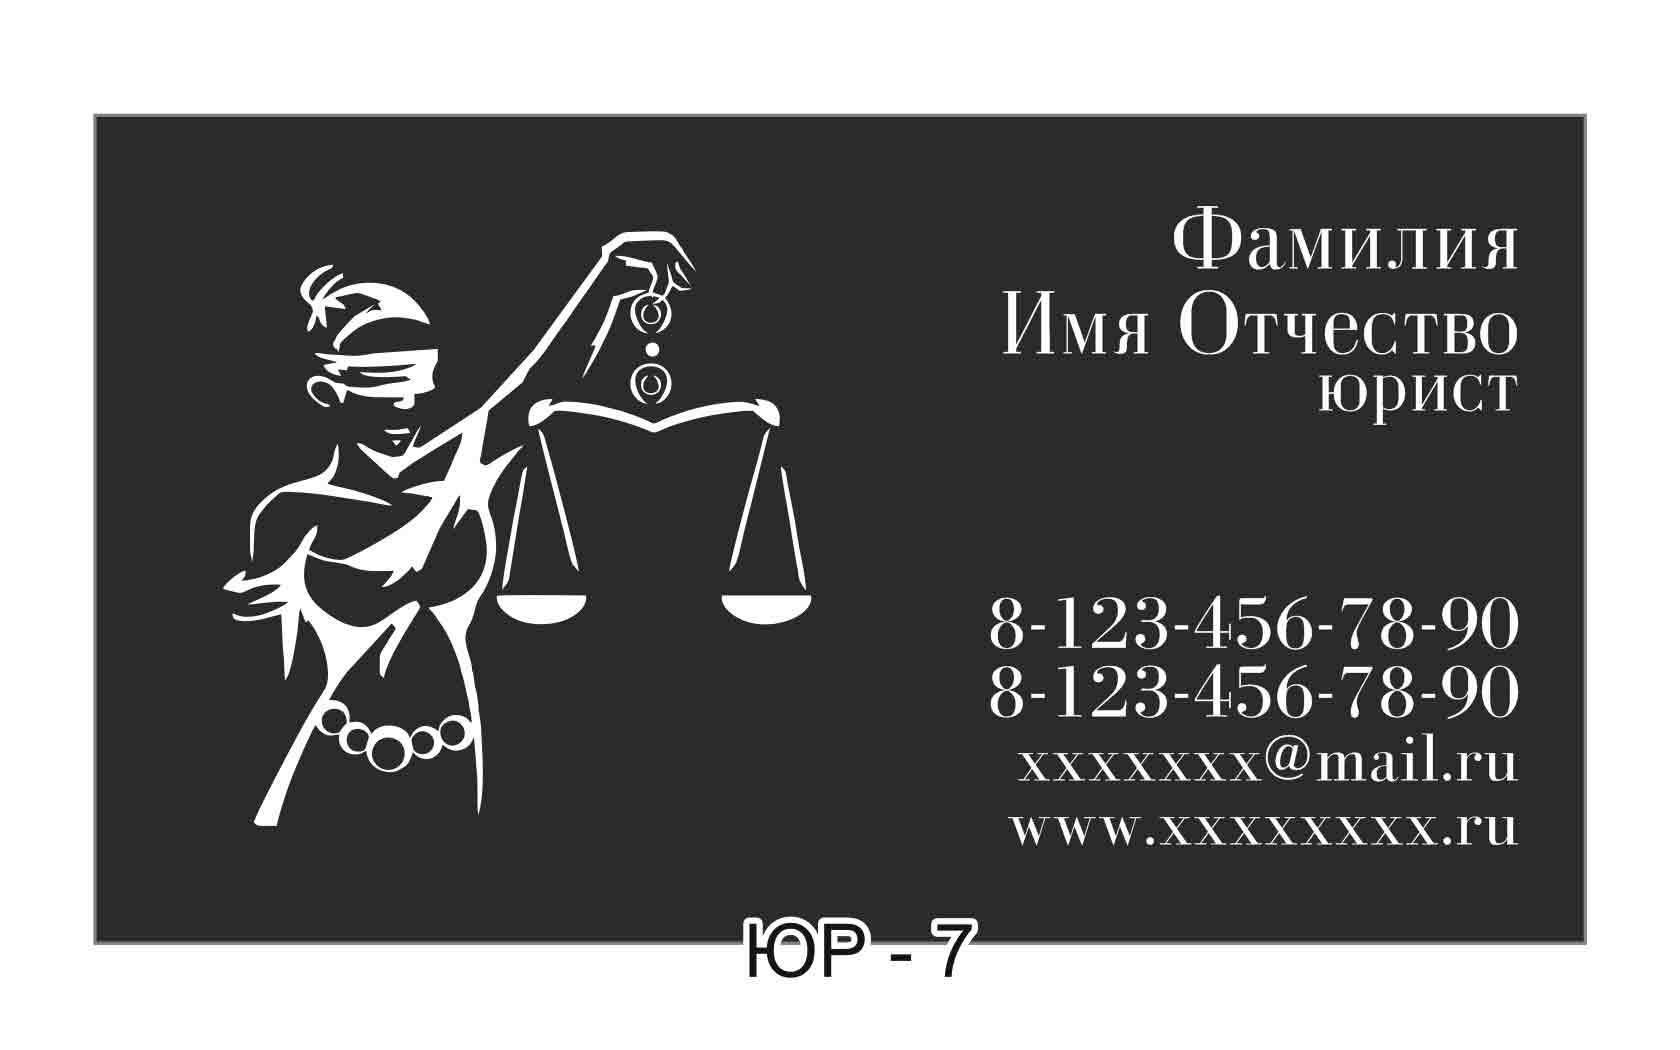 Скачать образец визитки юриста бесплатно